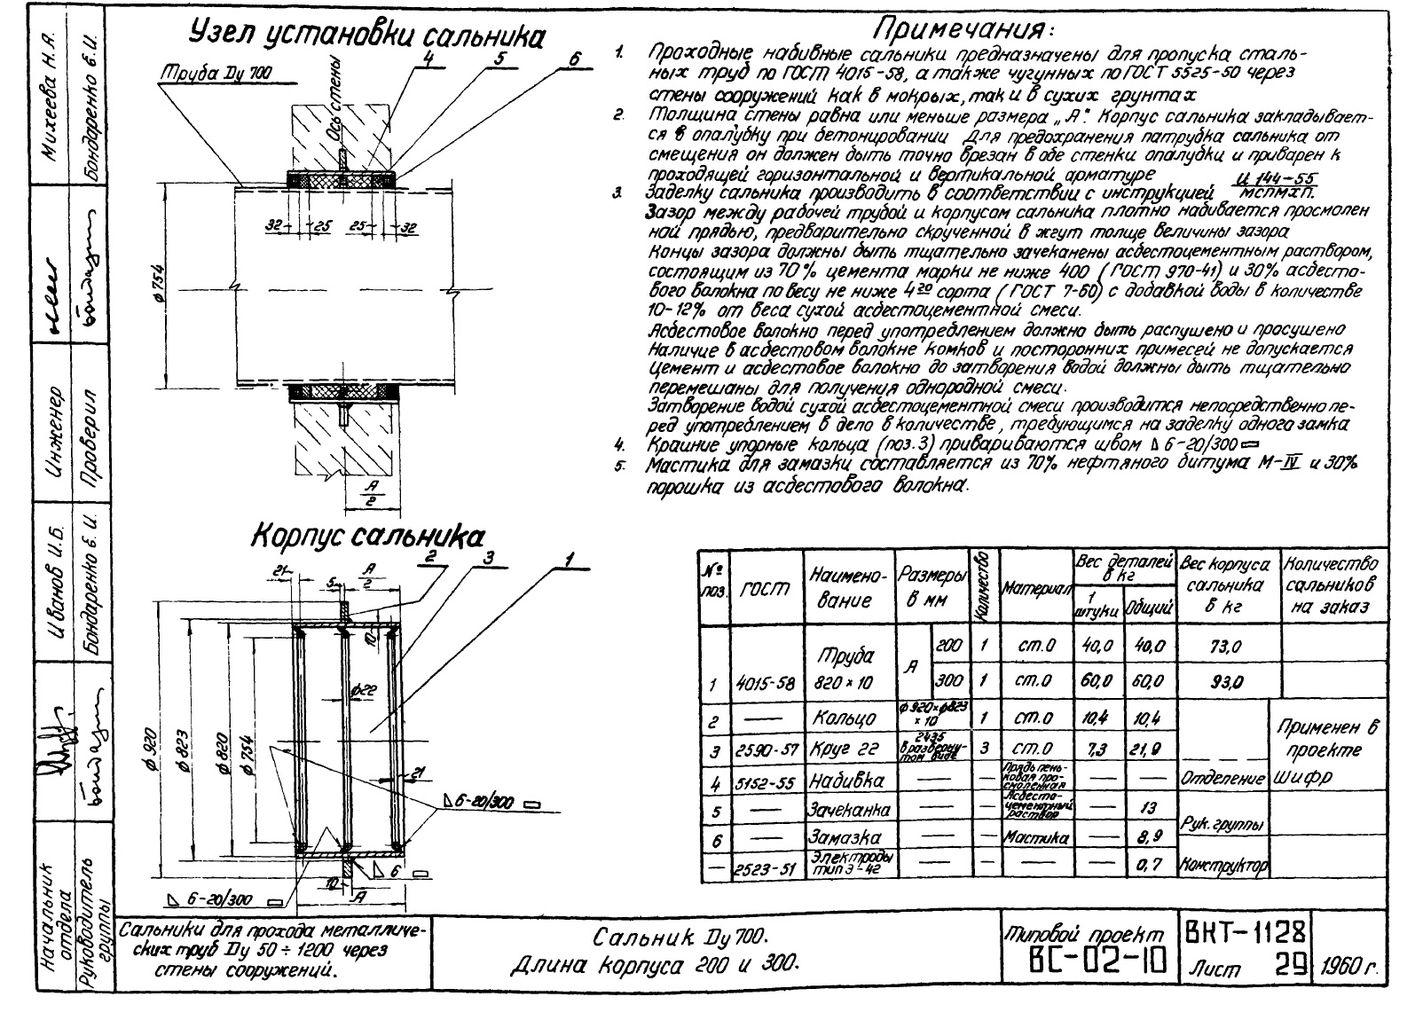 Сальники набивные L = 300 мм типовой проект ВС-02-10 стр.14